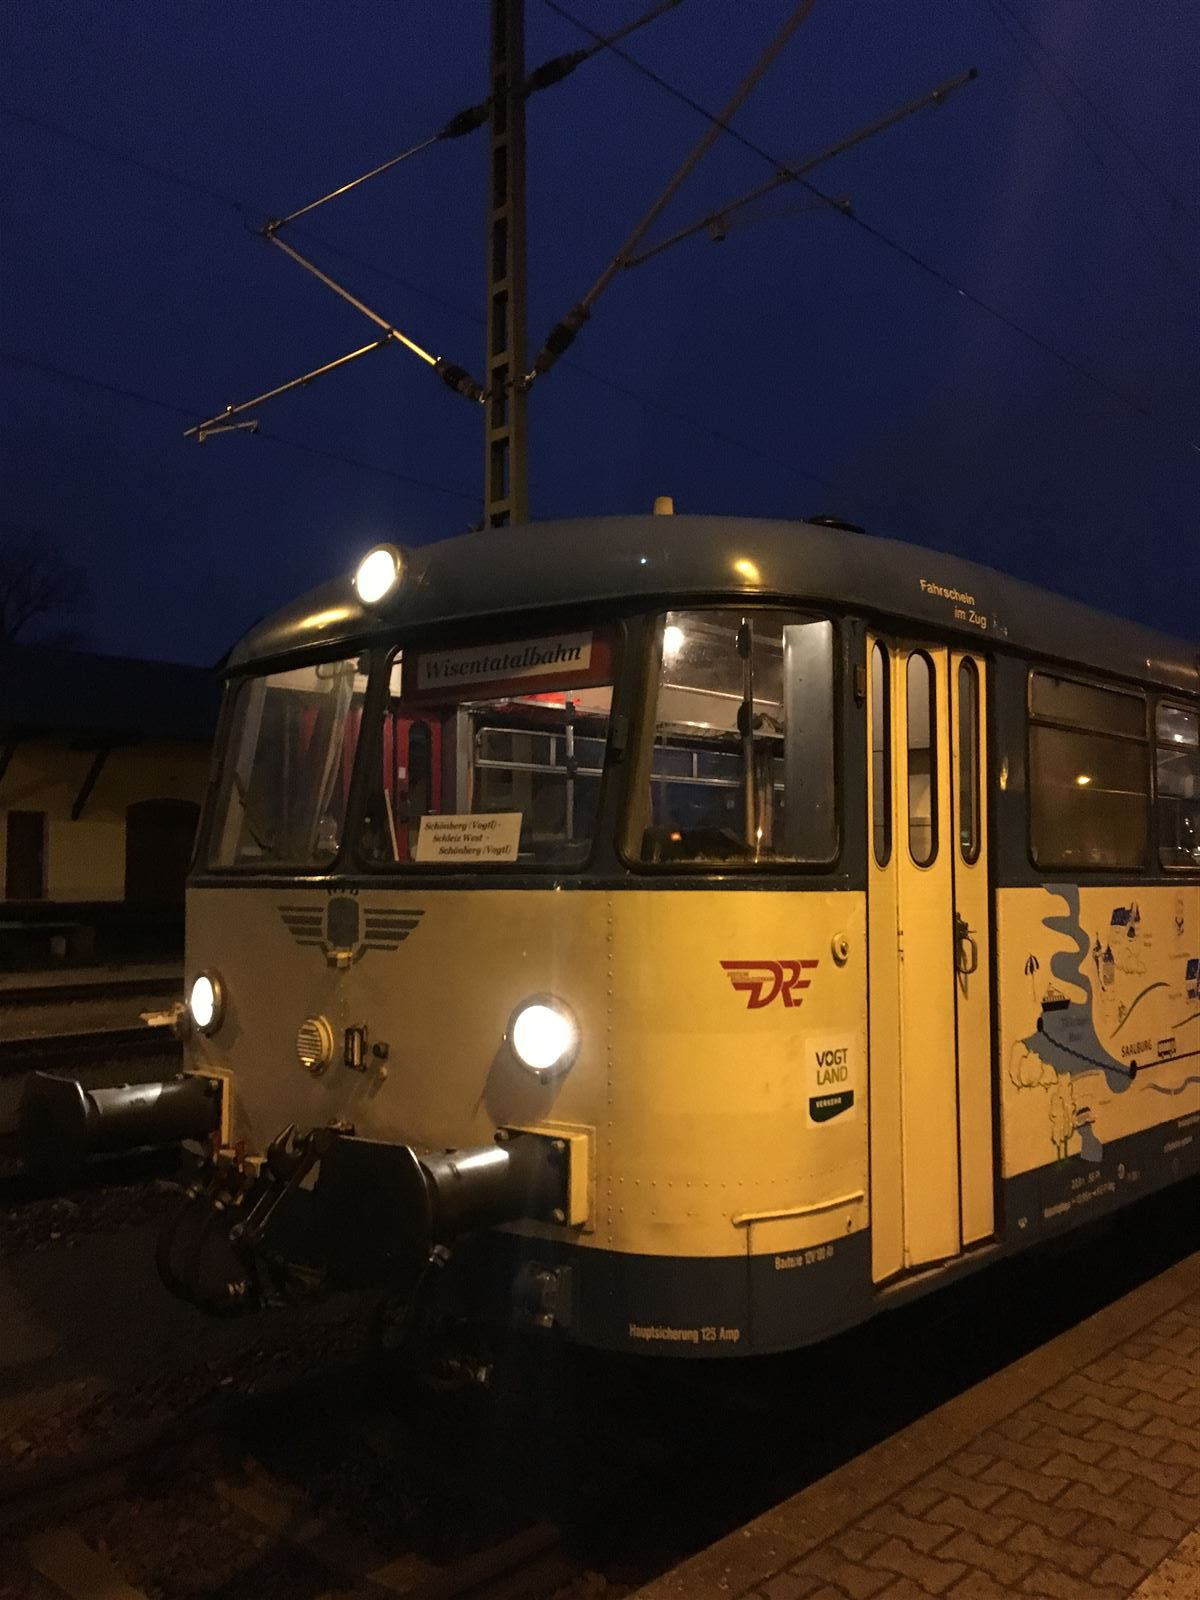 Ausflug mit dem Schienenbus´:nostalgische Bahnfahrt mit der Wisentatalbahn von Sachsen nach Thüringen und wieder zurück